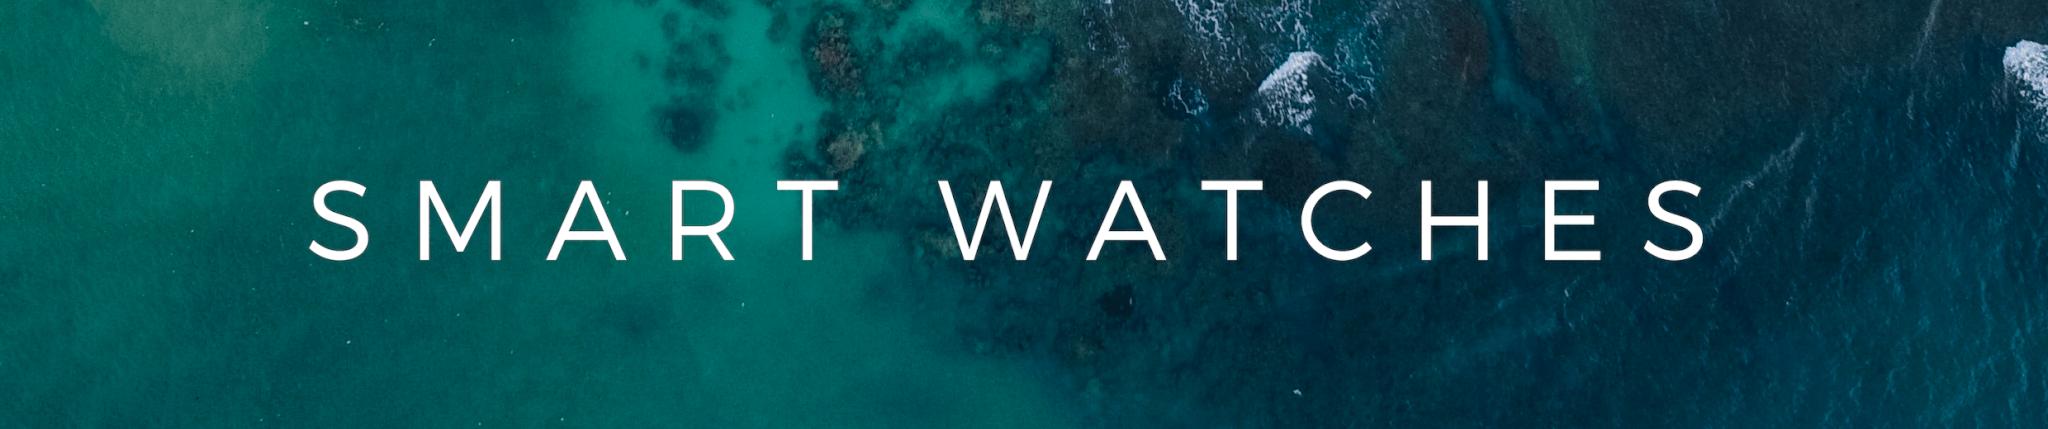 Smart Watch Black Friday Fit-Tech Deals 2018